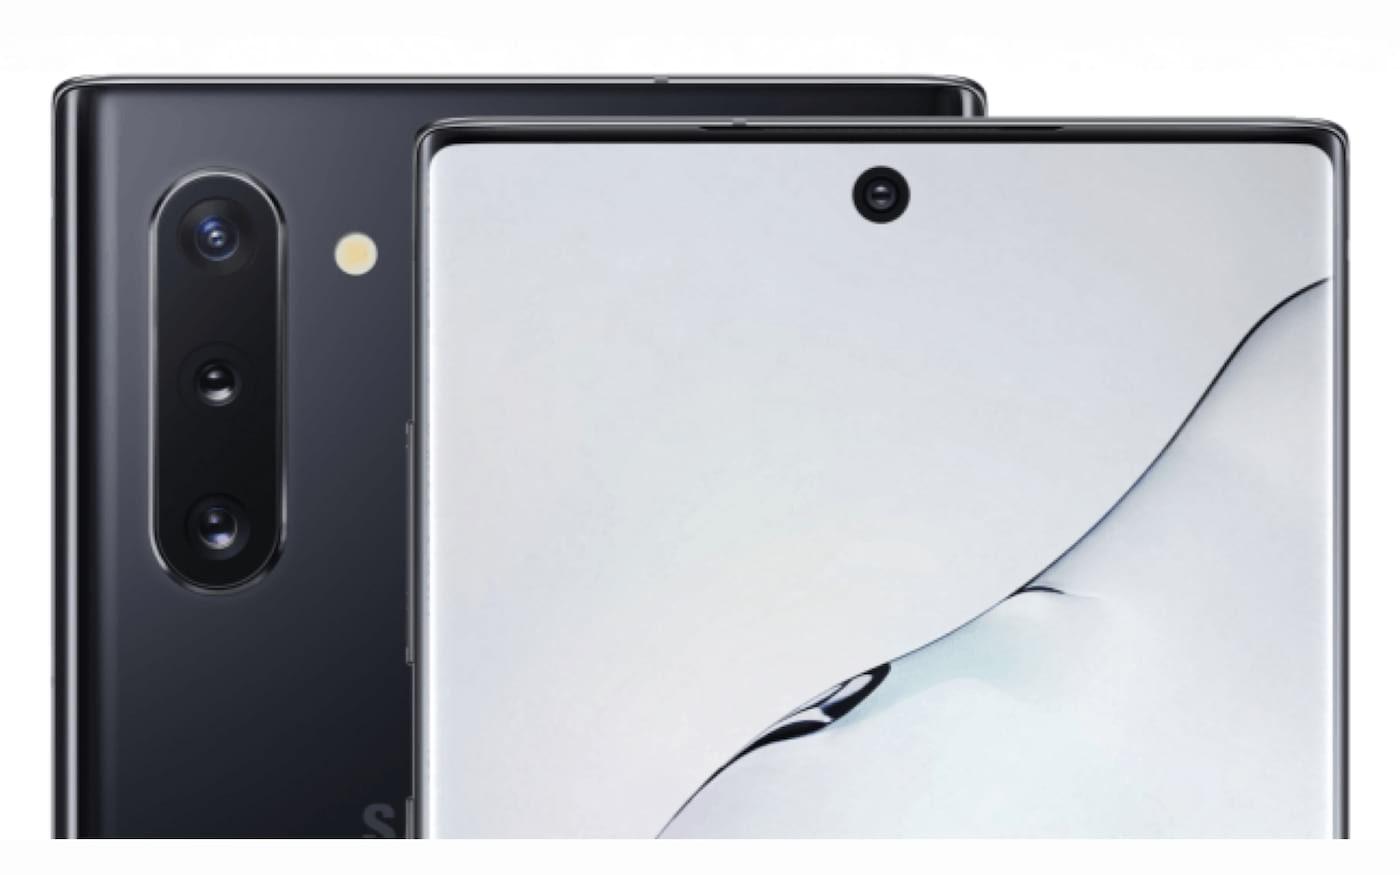 Vazam todas as especificações do Galaxy Note10 - processador Snapdragon 855+ pode ser esperado